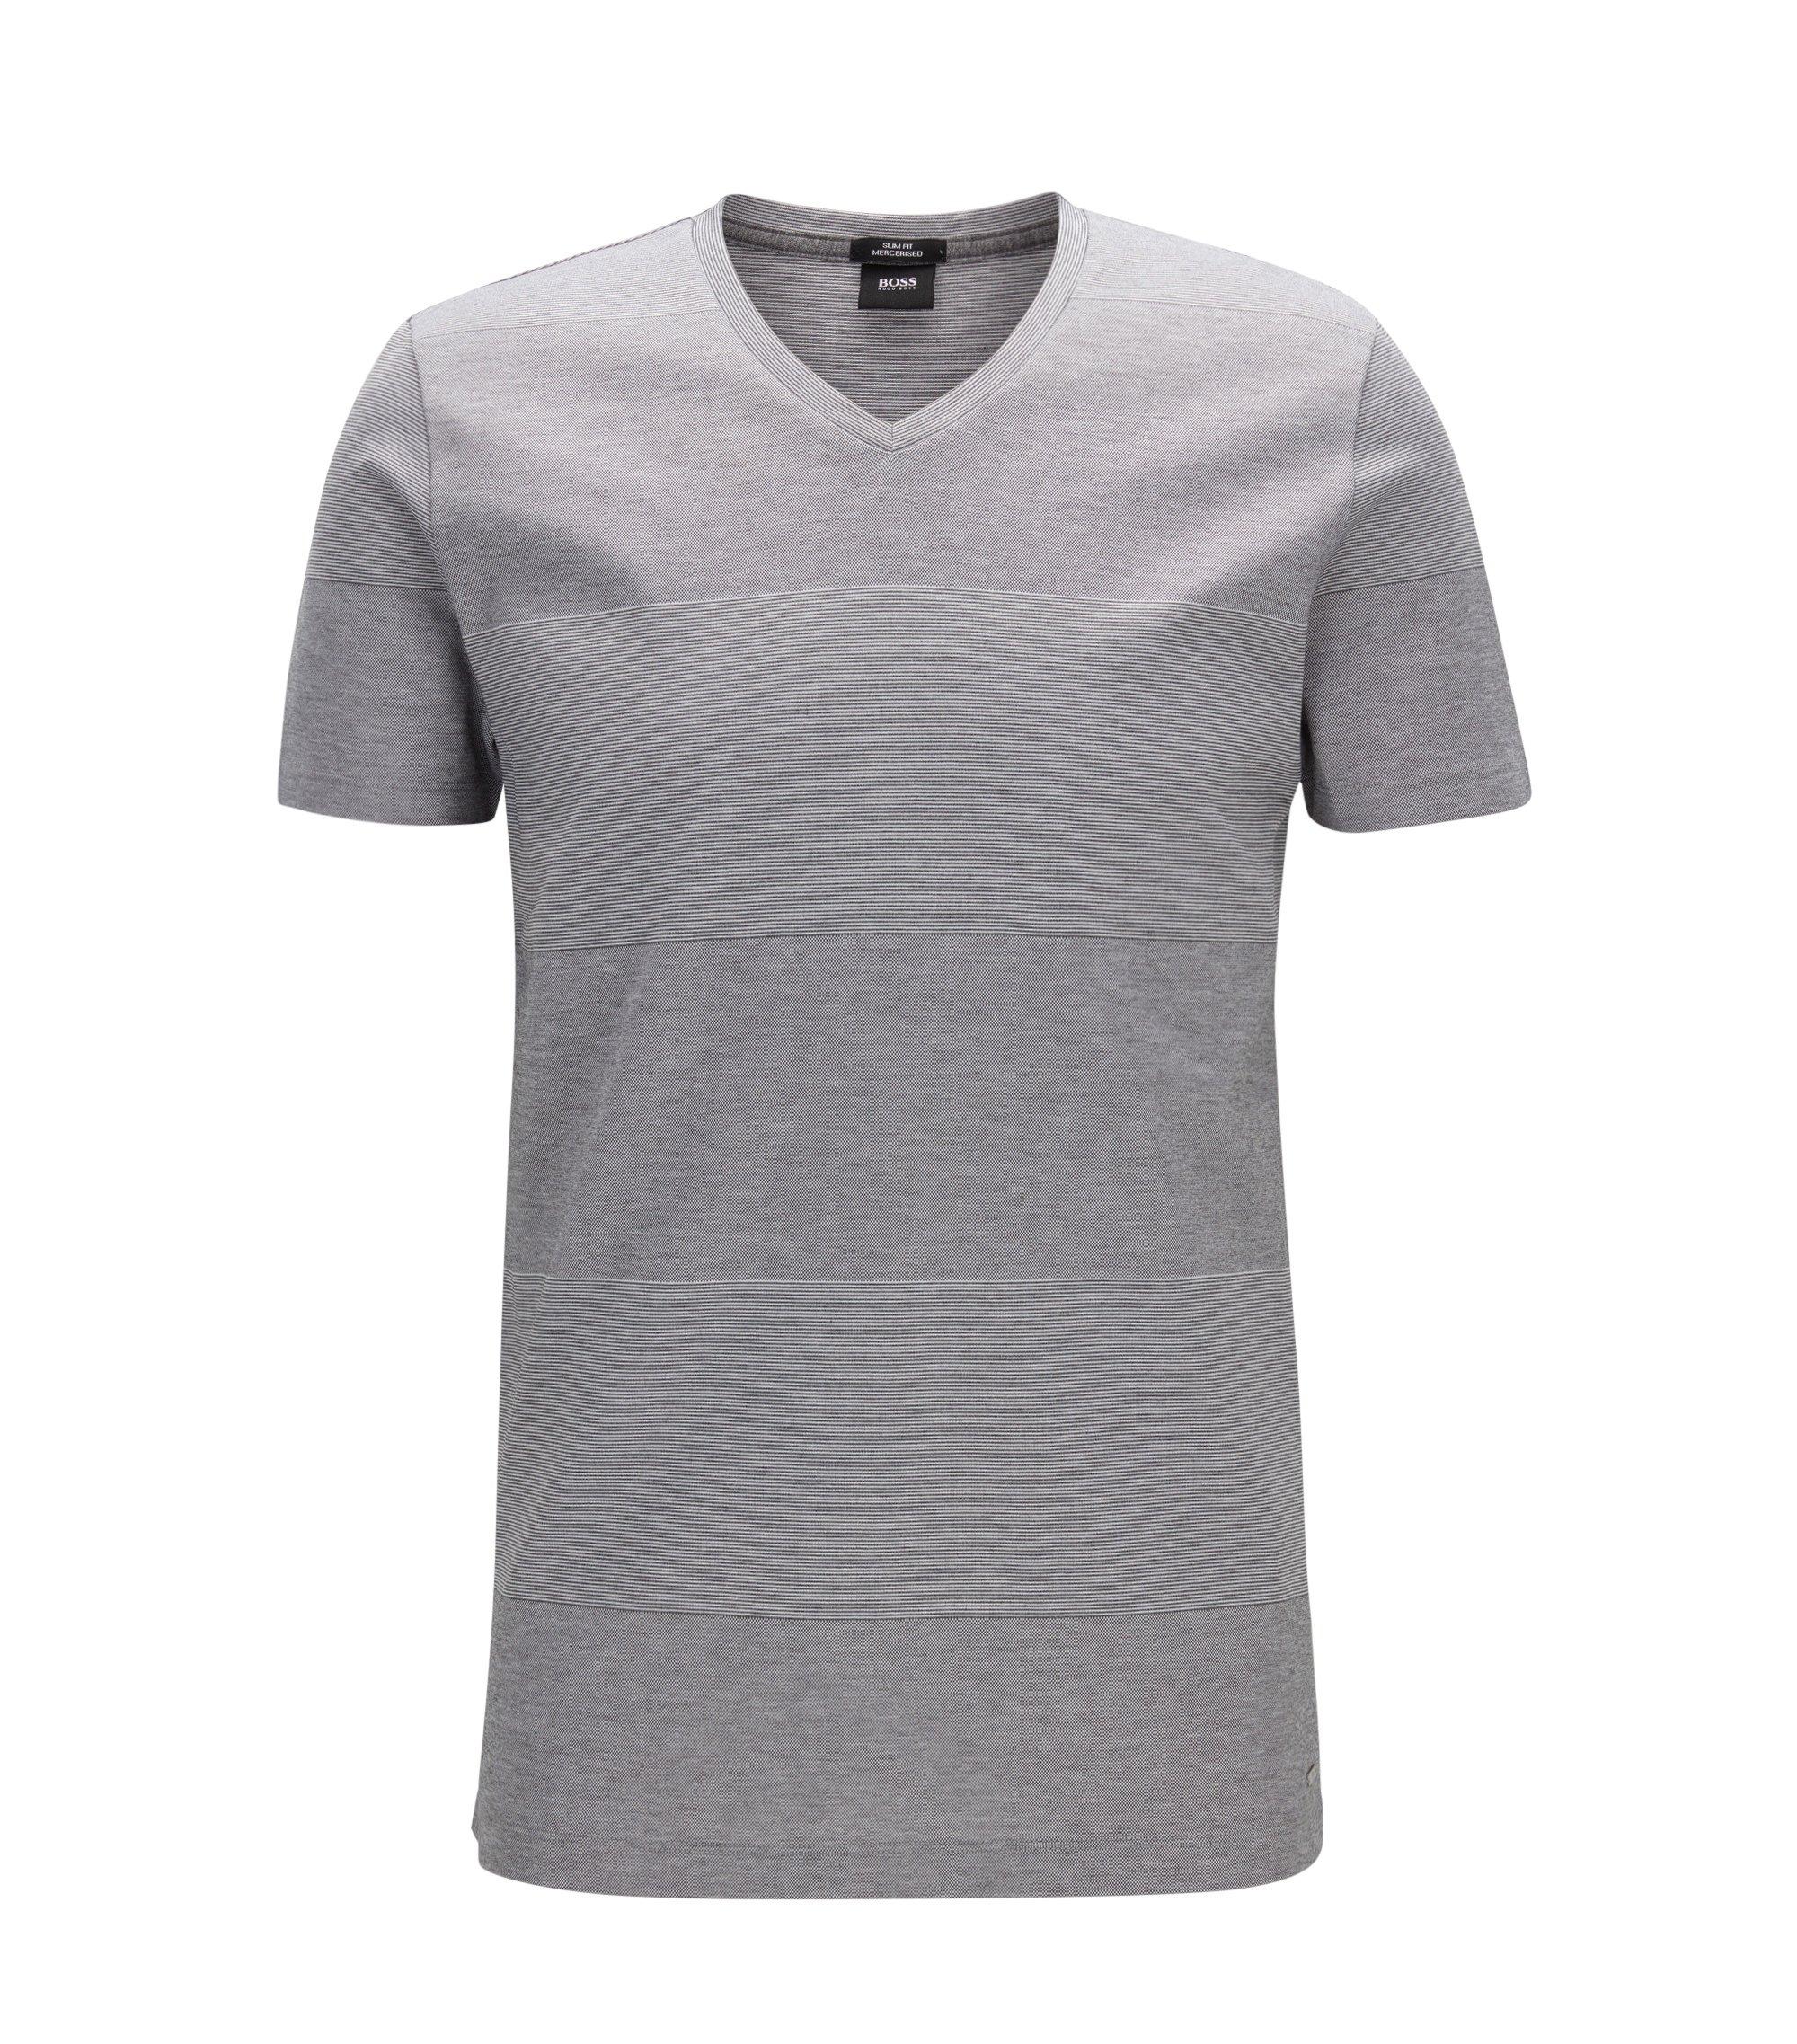 T-shirt Slim Fit à larges rayures en coton mercerisé, Gris